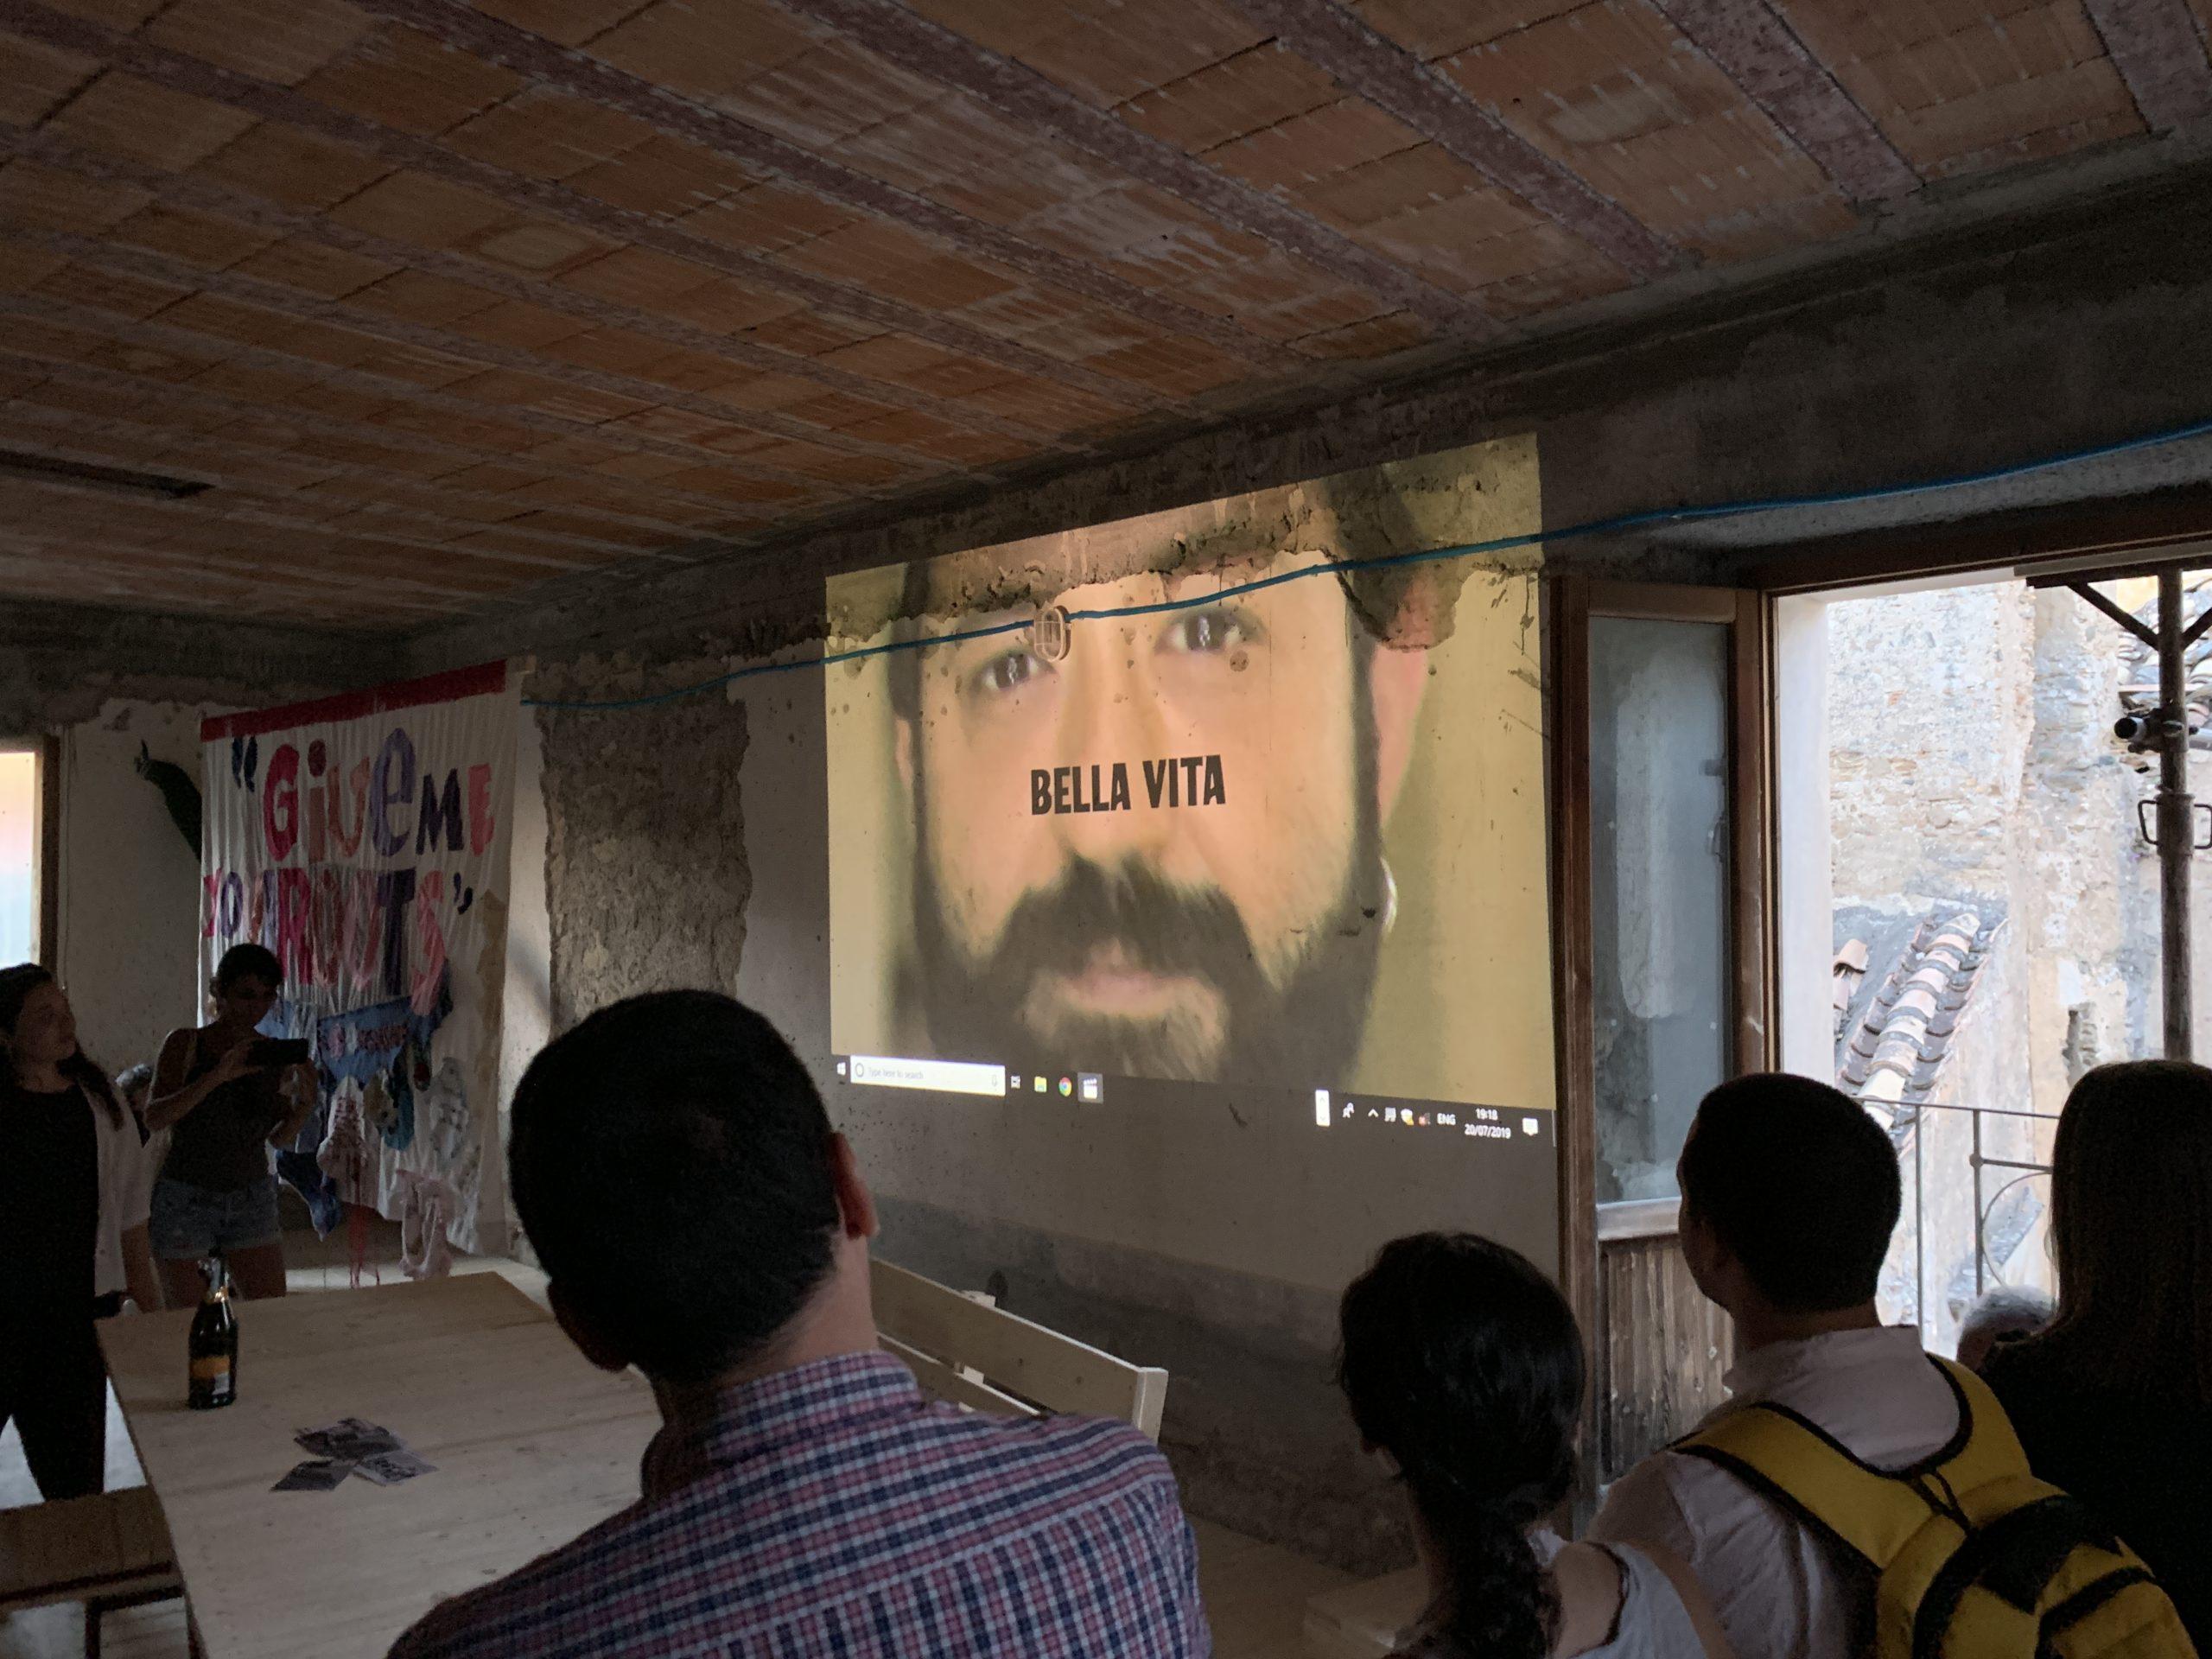 Presentazione del video pensato